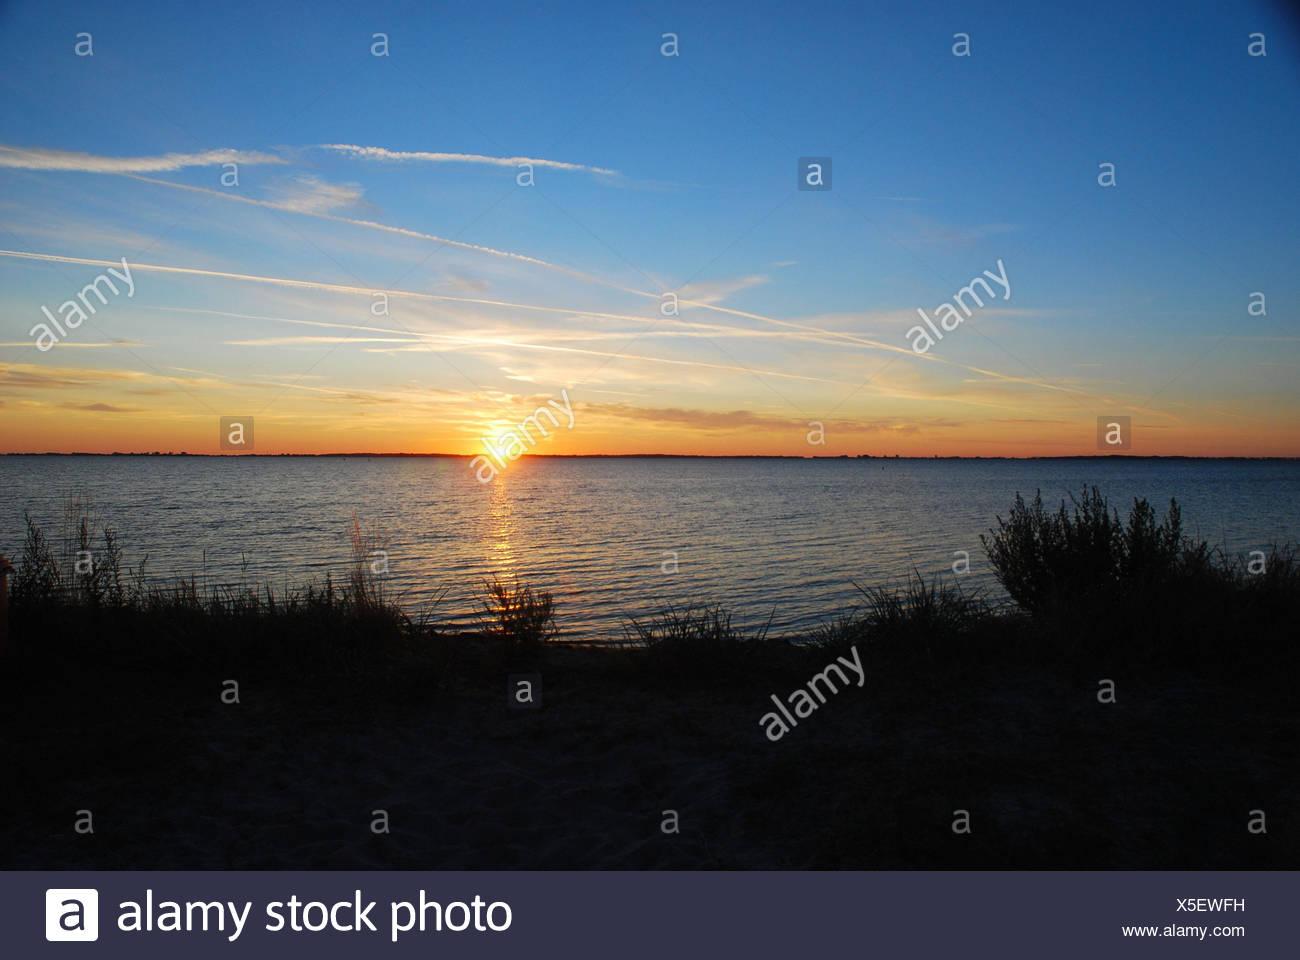 Die Ostsee, Sonnenuntergang, Norddeutschland, Deutschland, Ostsee, Meer, See, Gewässer, die Sonne, Überlegung, Abend, Himmel, blau, Kondensstreifen, Nachleuchten, Abend tuning, Landschaft, Natur, Romantik, Idylle, grass, niemand, Horizont, Stockbild